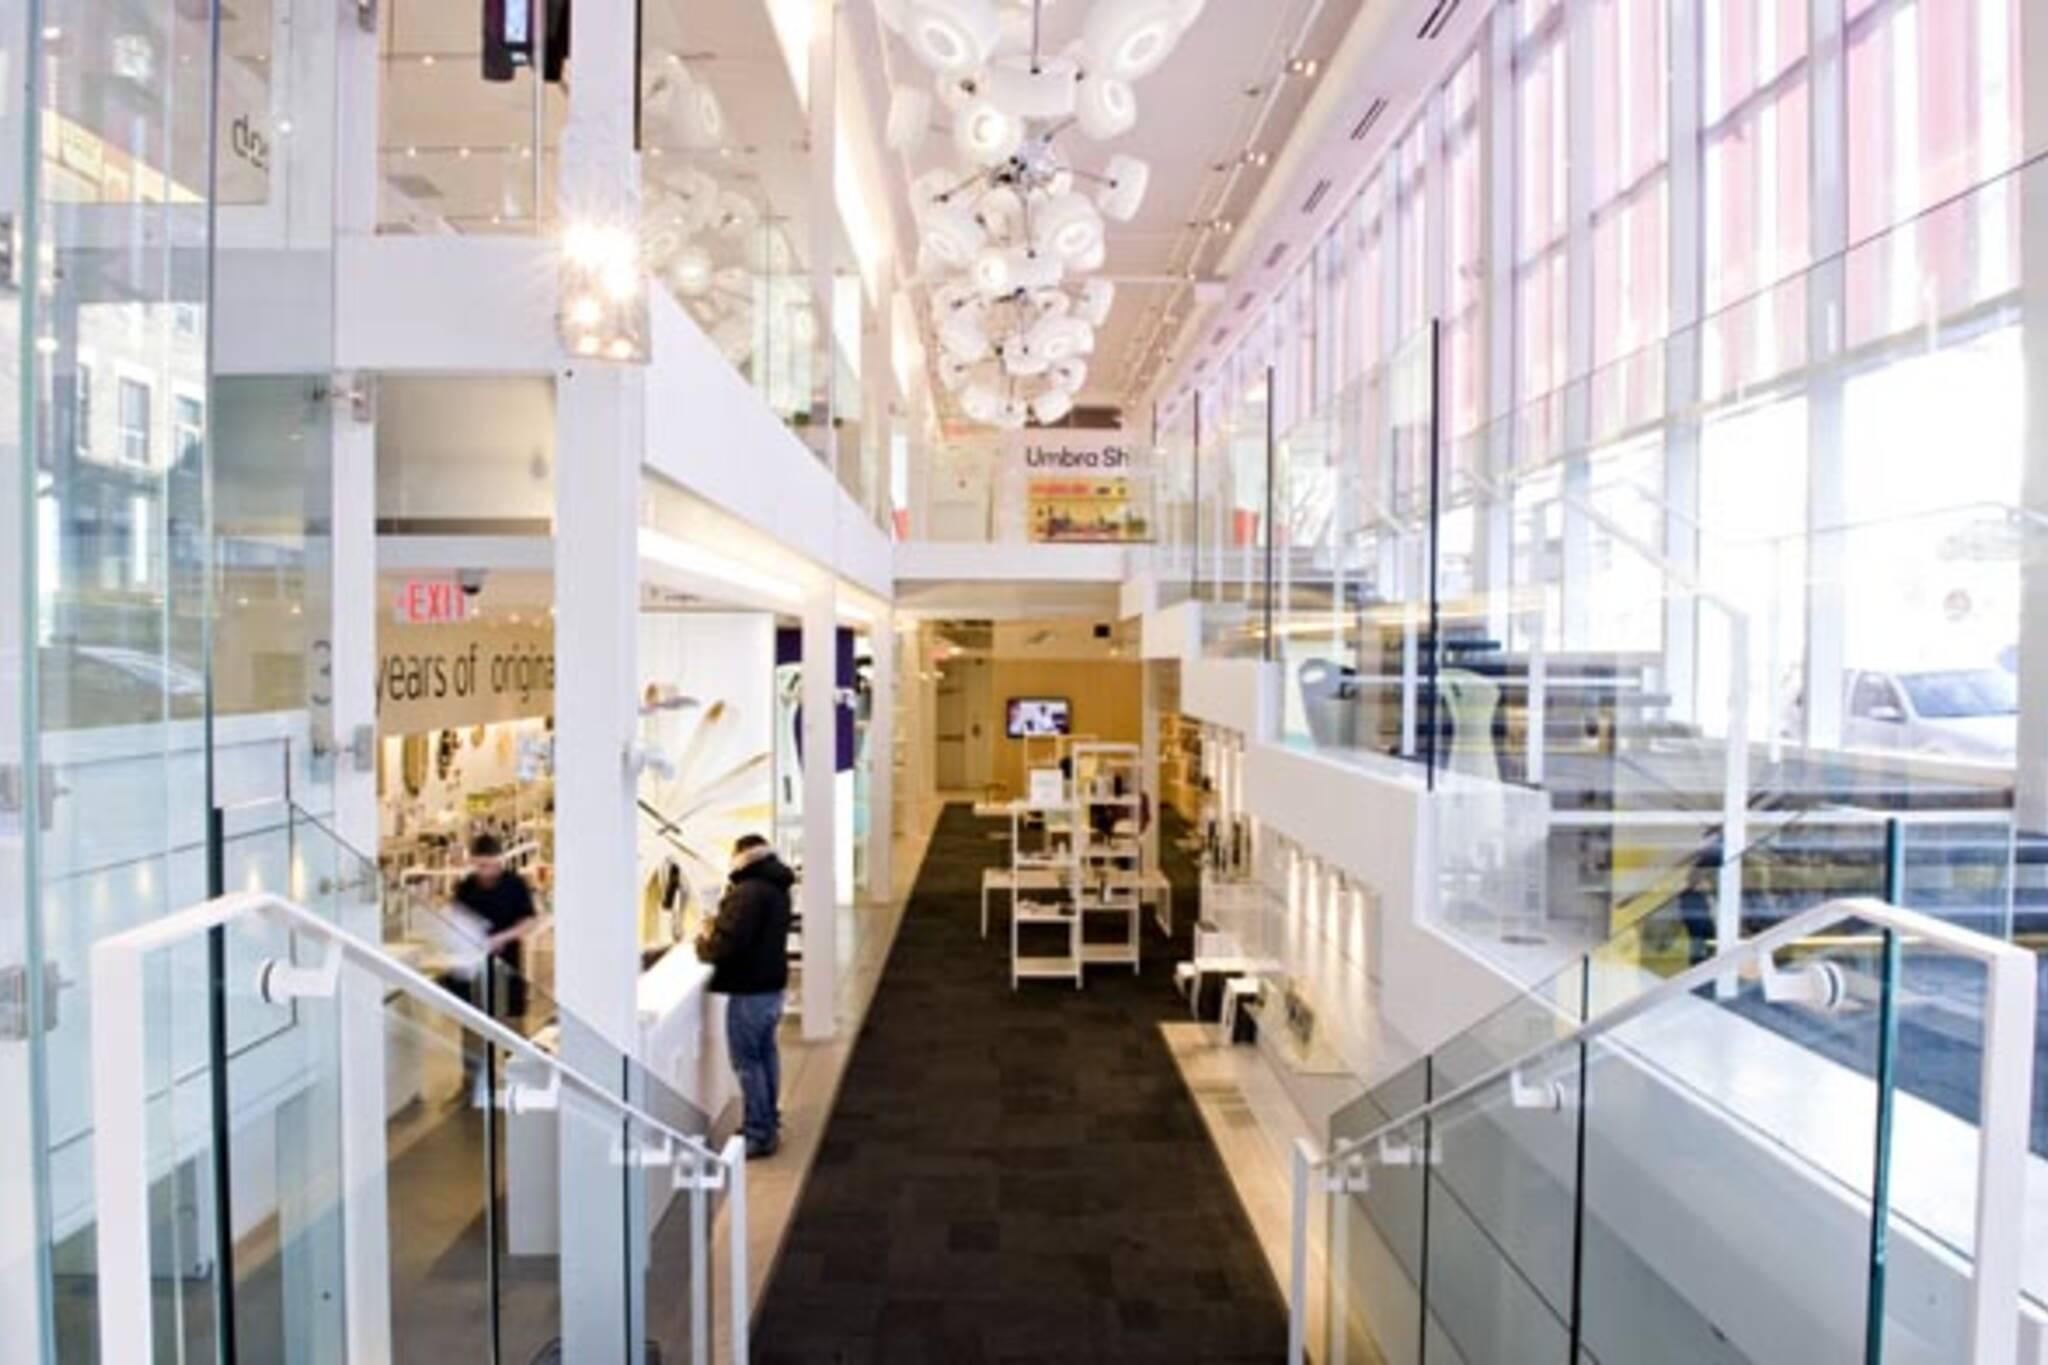 Restaurant Design Companies Toronto : Umbra to toronto